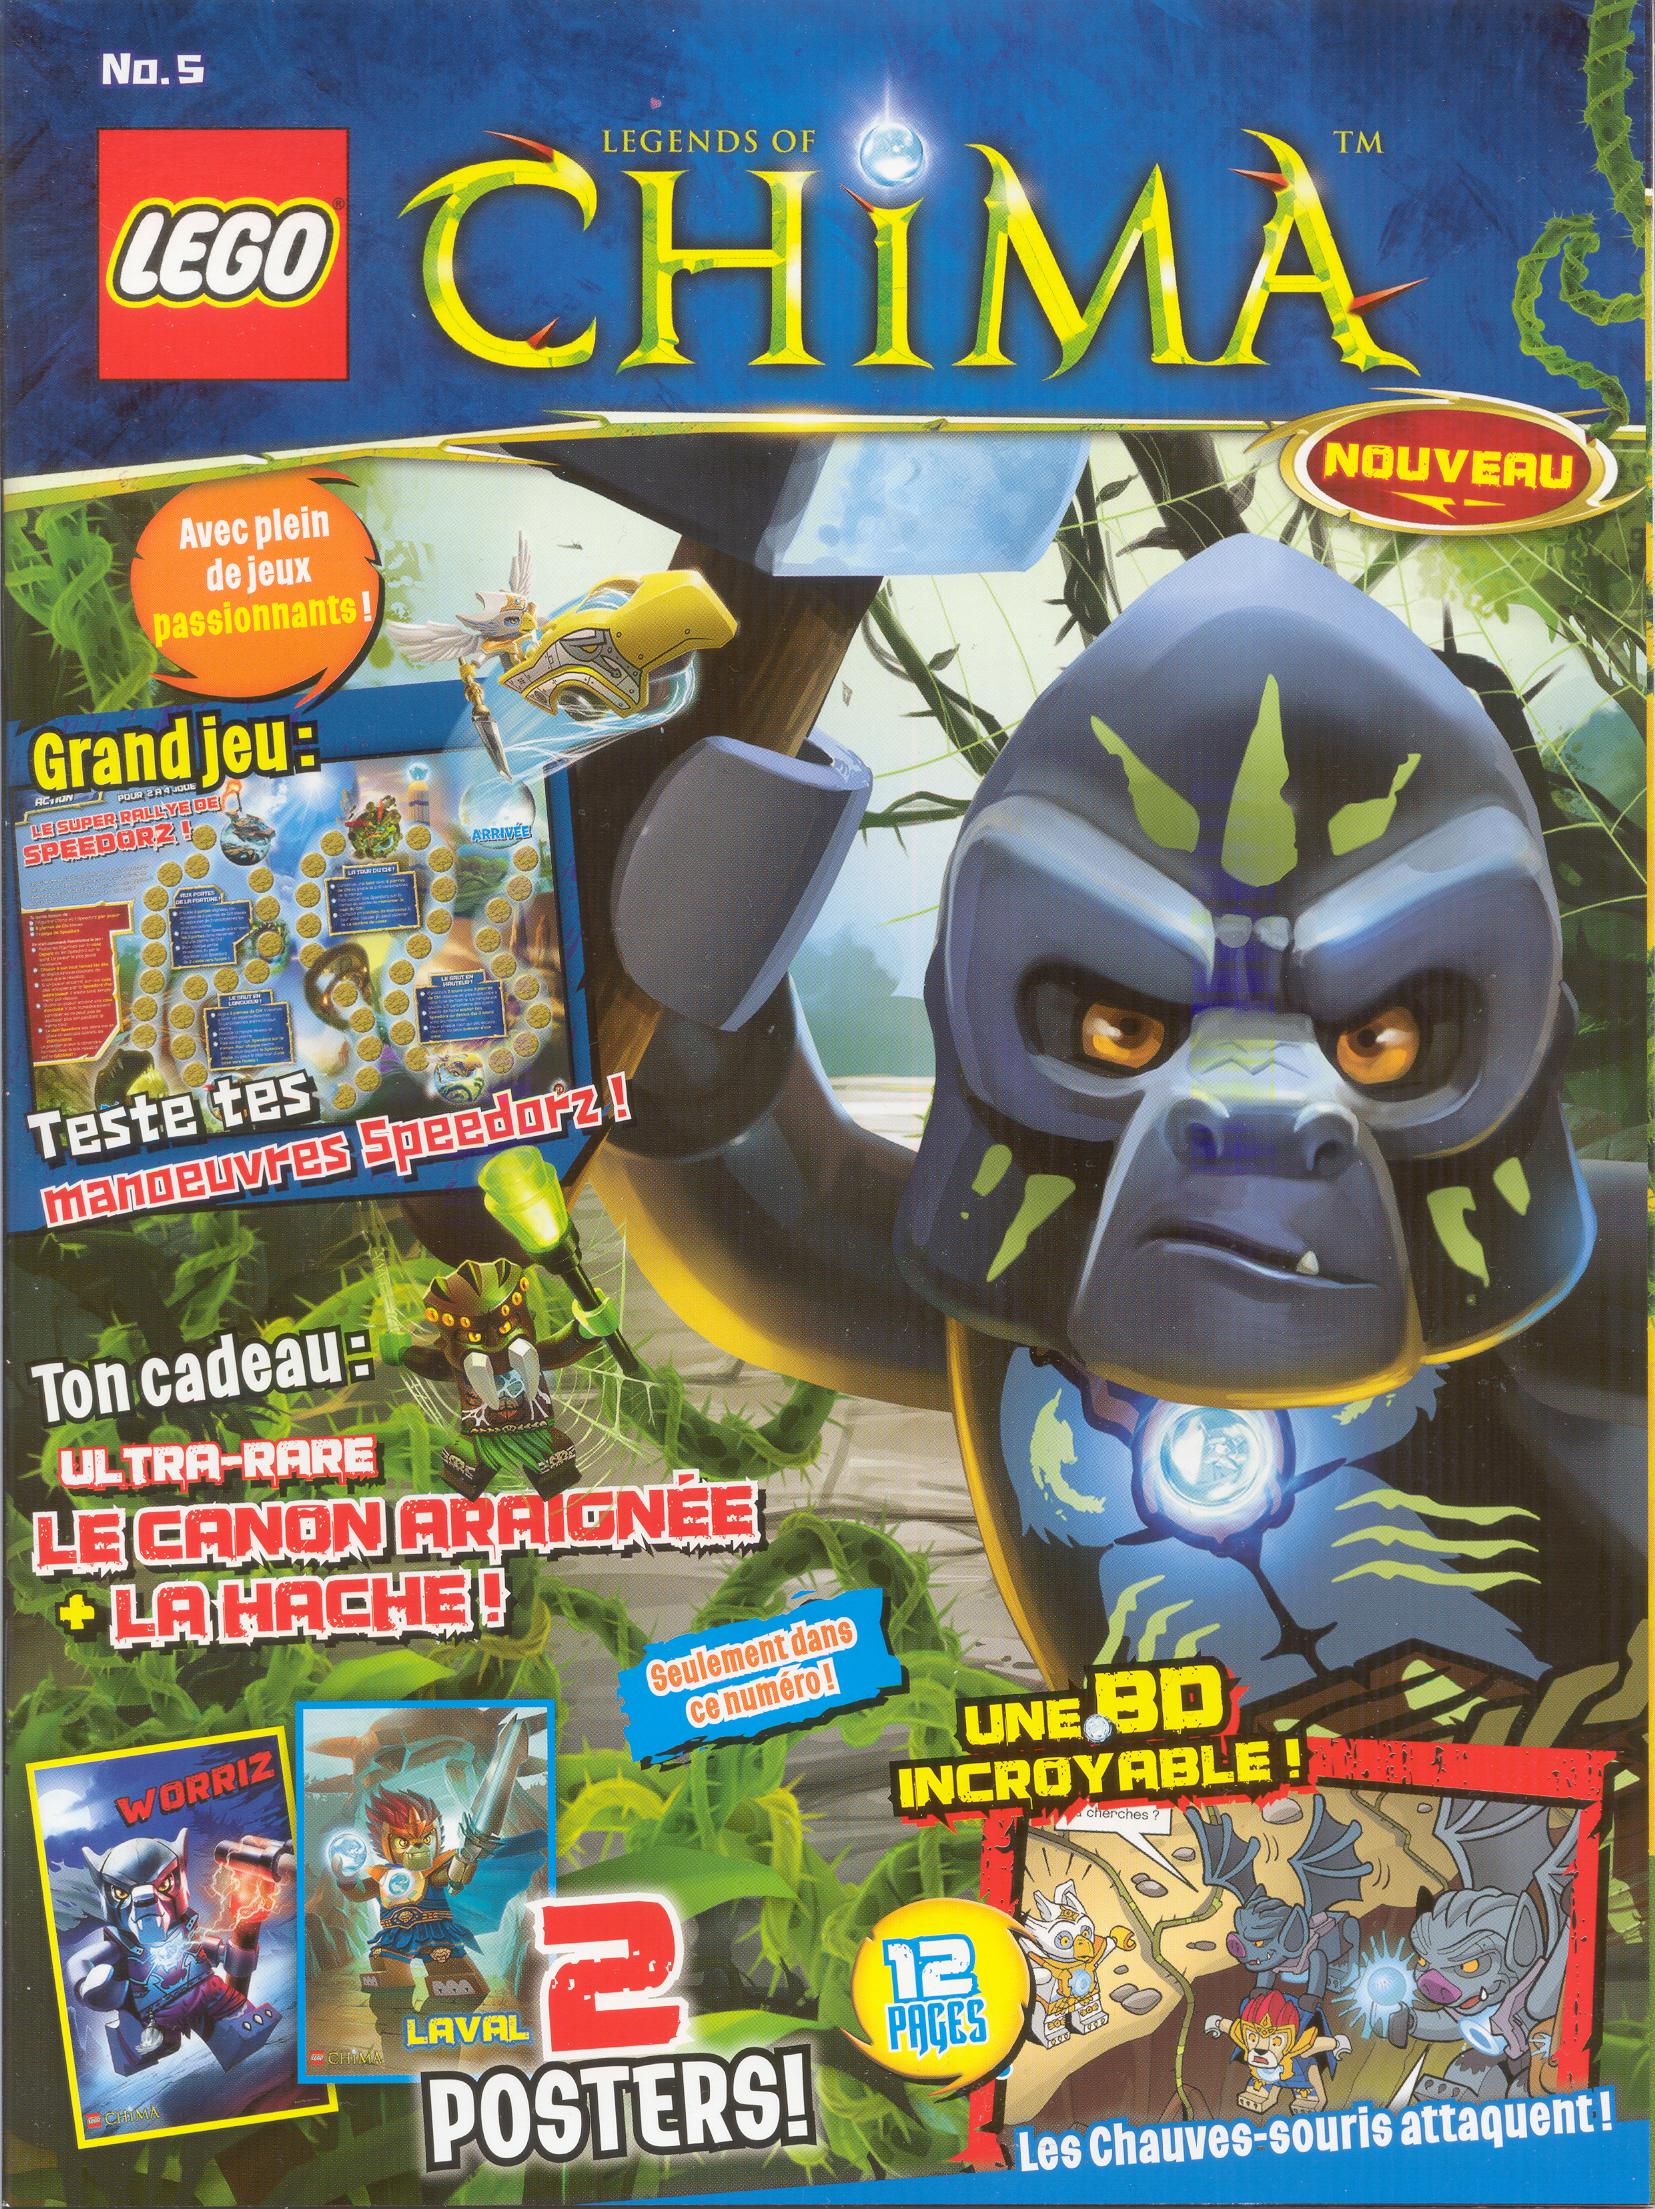 Lego chima 5 wiki lego fandom powered by wikia - Chima saison 2 ...